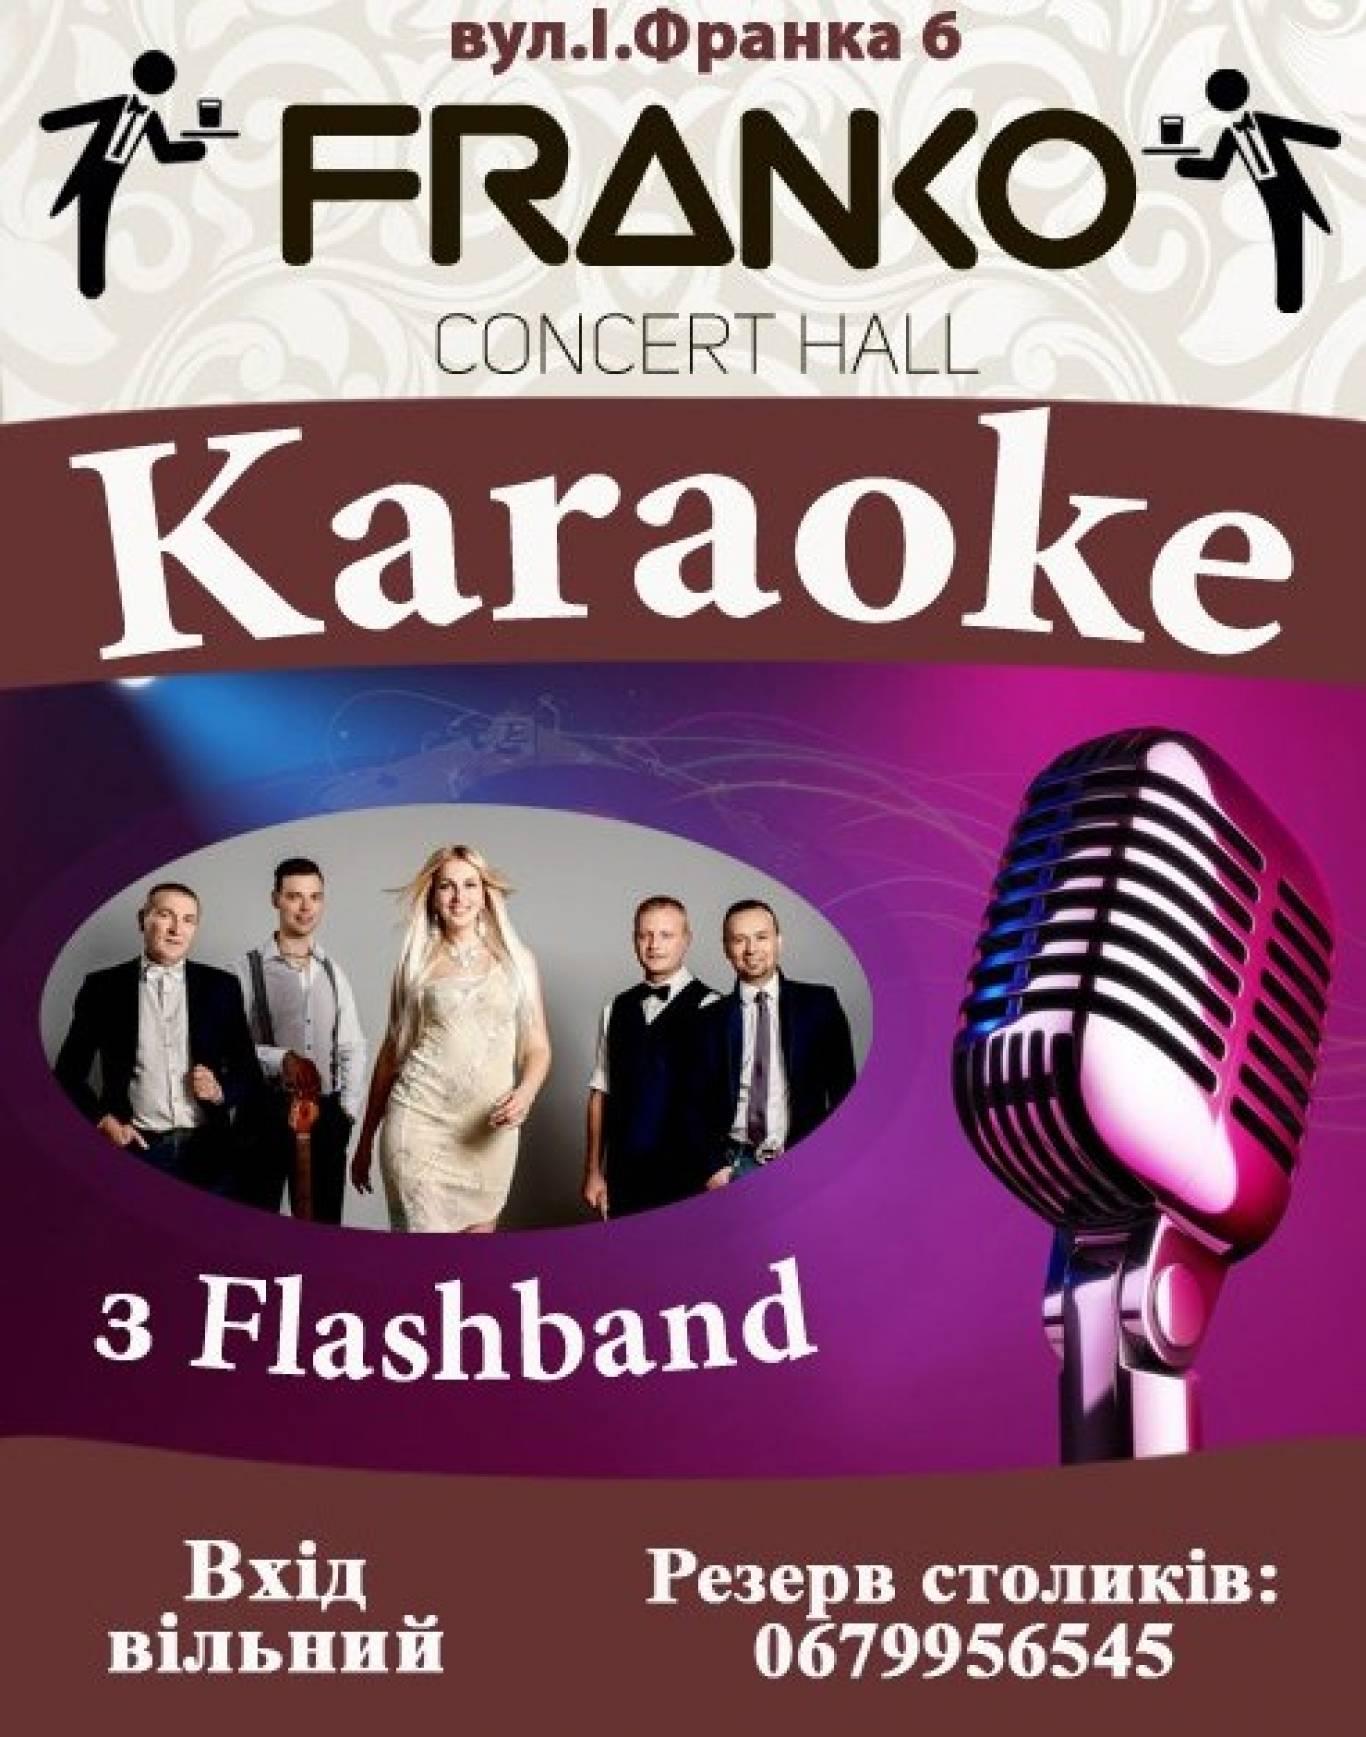 Karaoke у Franko